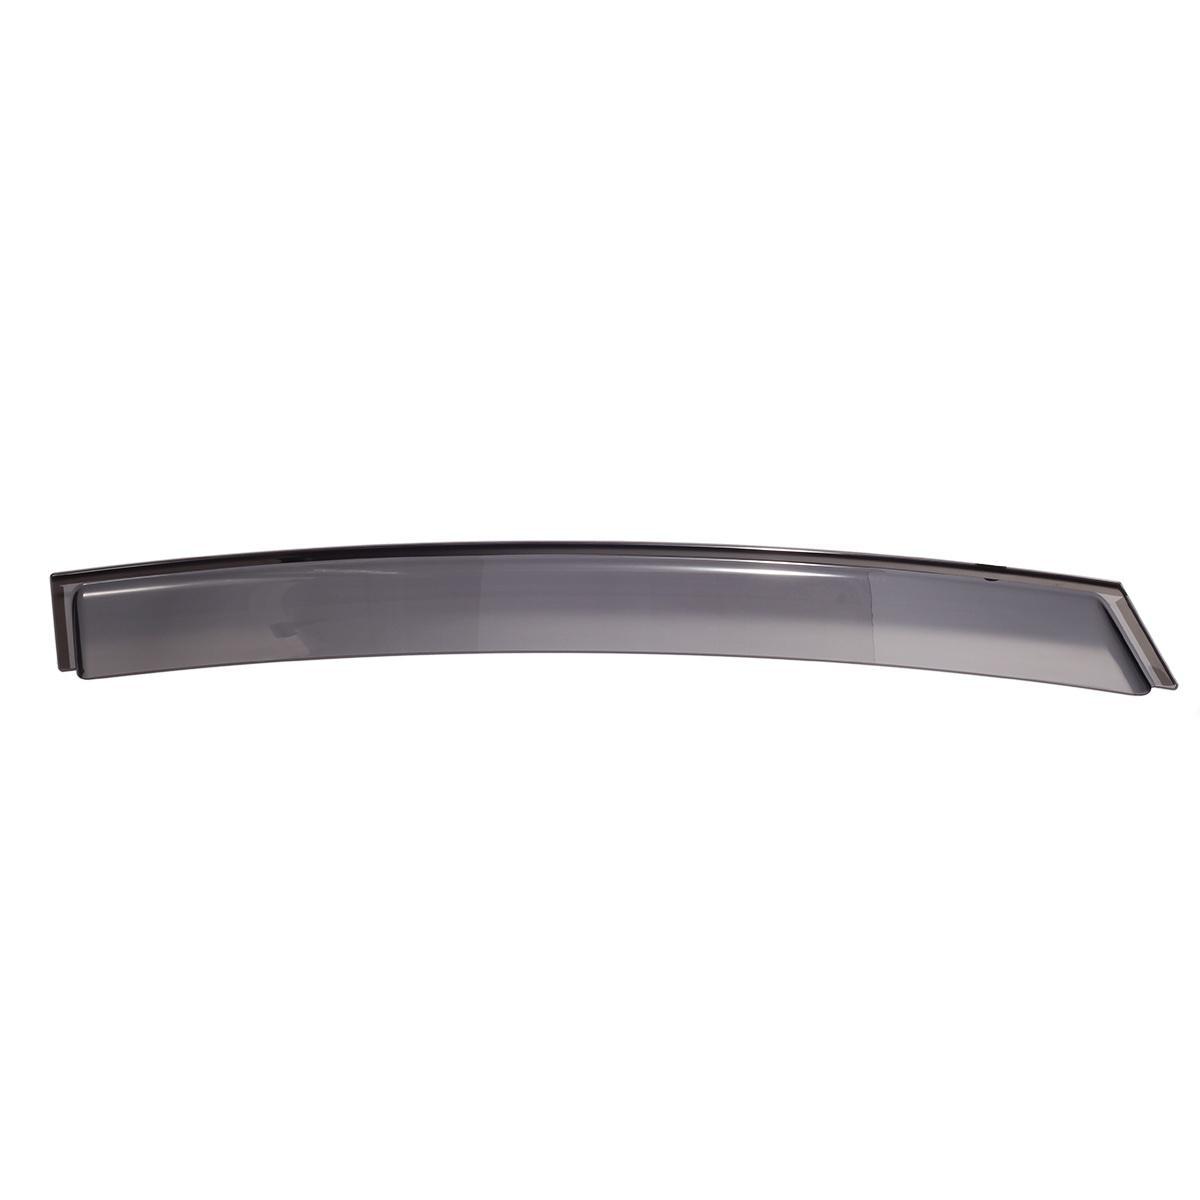 """For 2013-16 Dodge Dart 34.6/"""" Rain Guard Wind Visor Dark Gray T2 Sun Roof 880mm"""